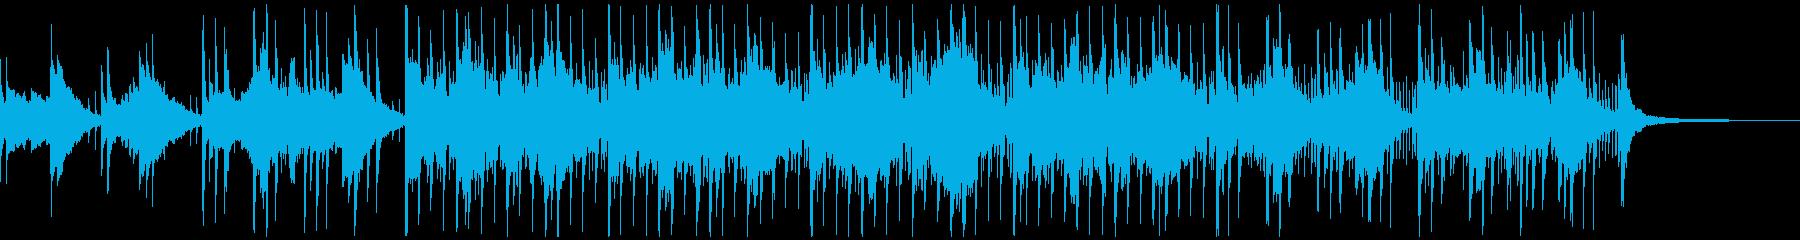 モダンで柔らかなエレクトロニカ、ショートの再生済みの波形